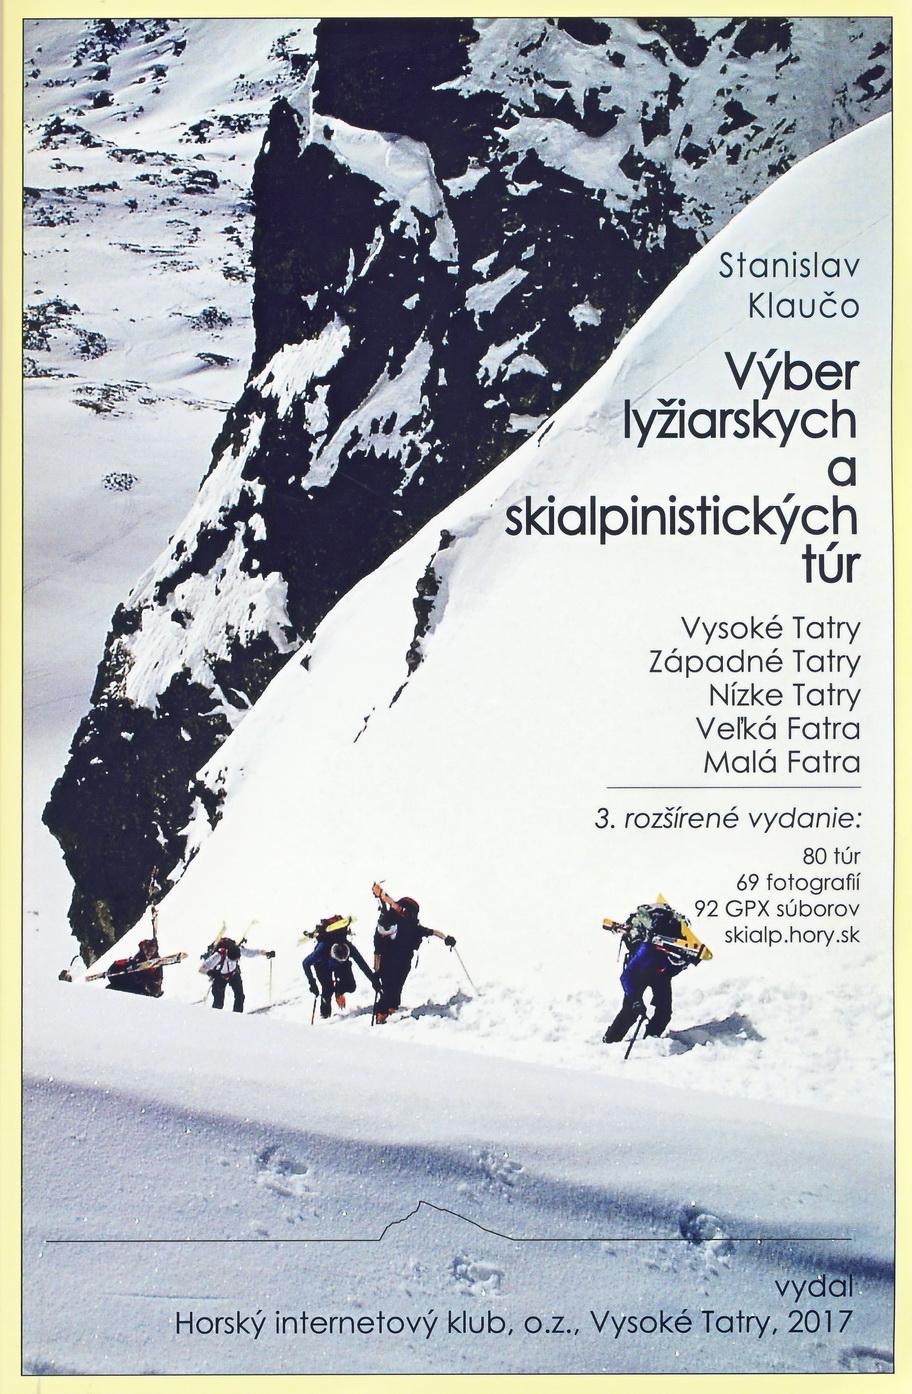 stano-klauco-vyber-lyziarskych-a-skialpinistickych-tur-na-slovensku